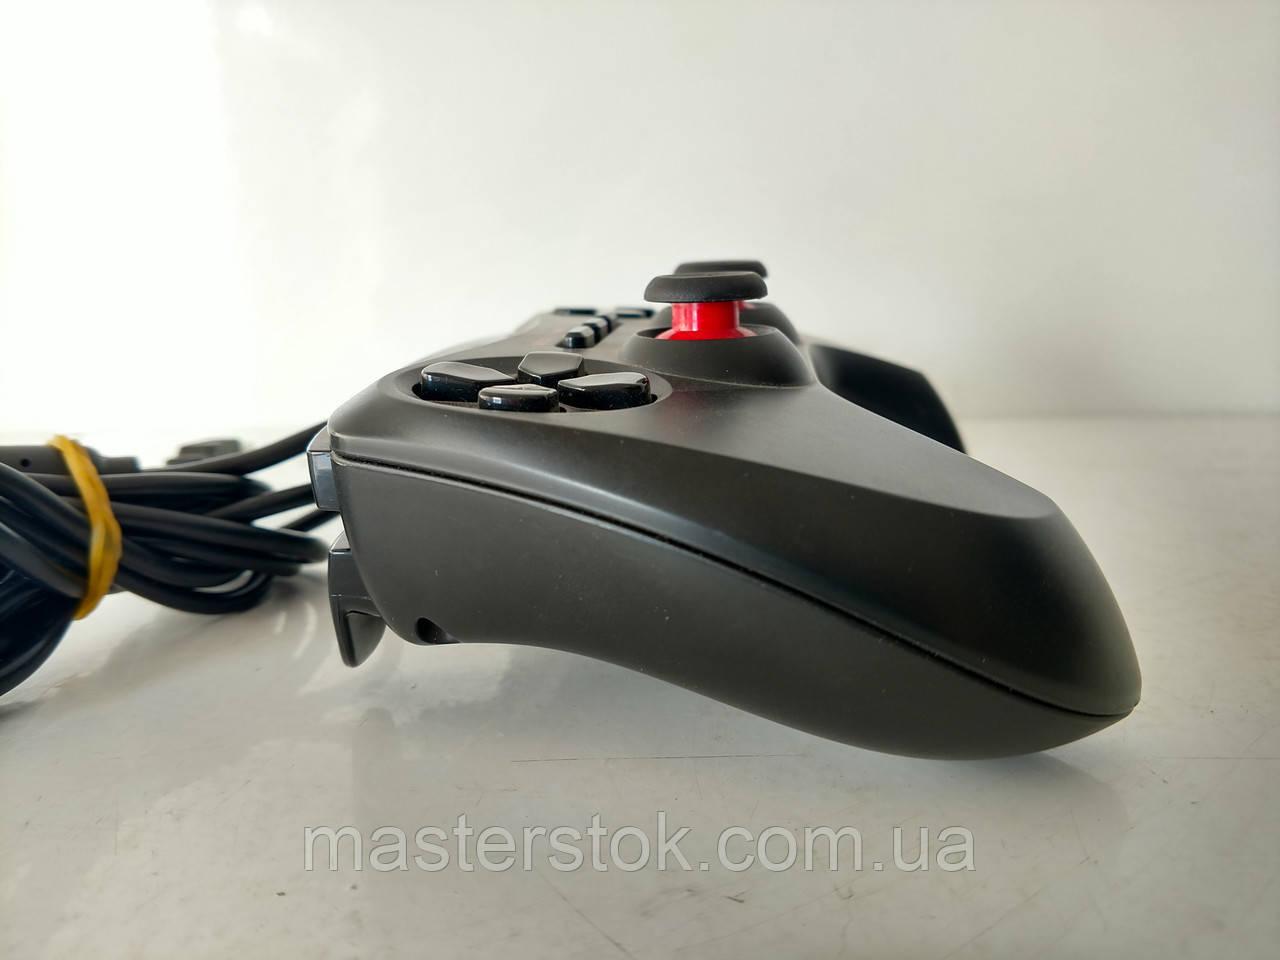 Проводной джойстик для Playstation 3 5